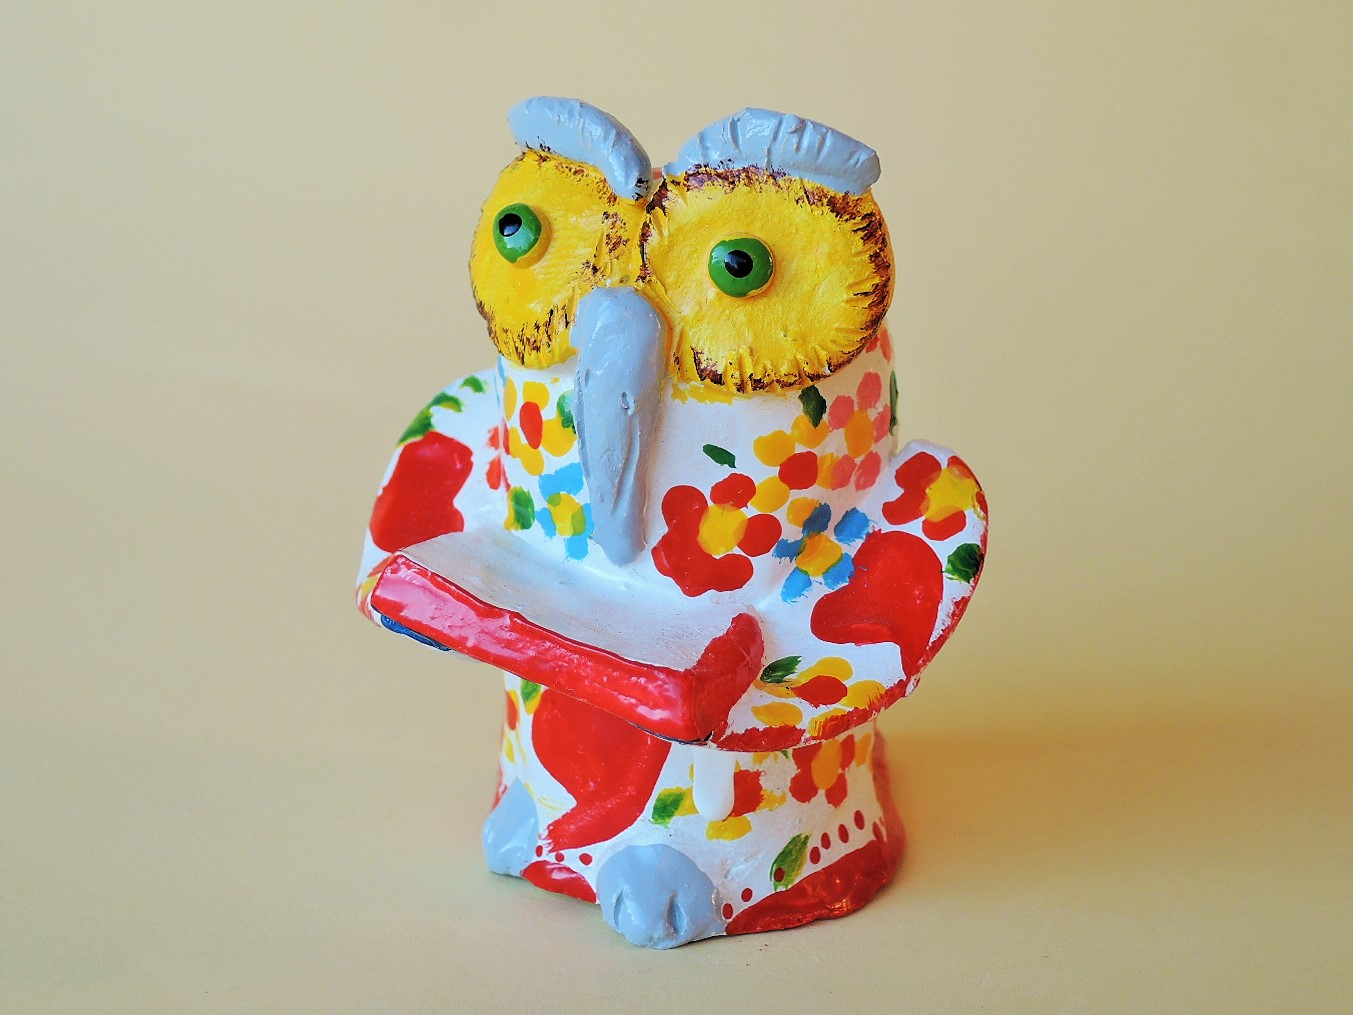 ポルトガル陶器 知恵の象徴 フクロウの置物 ジョアンフェレイラ